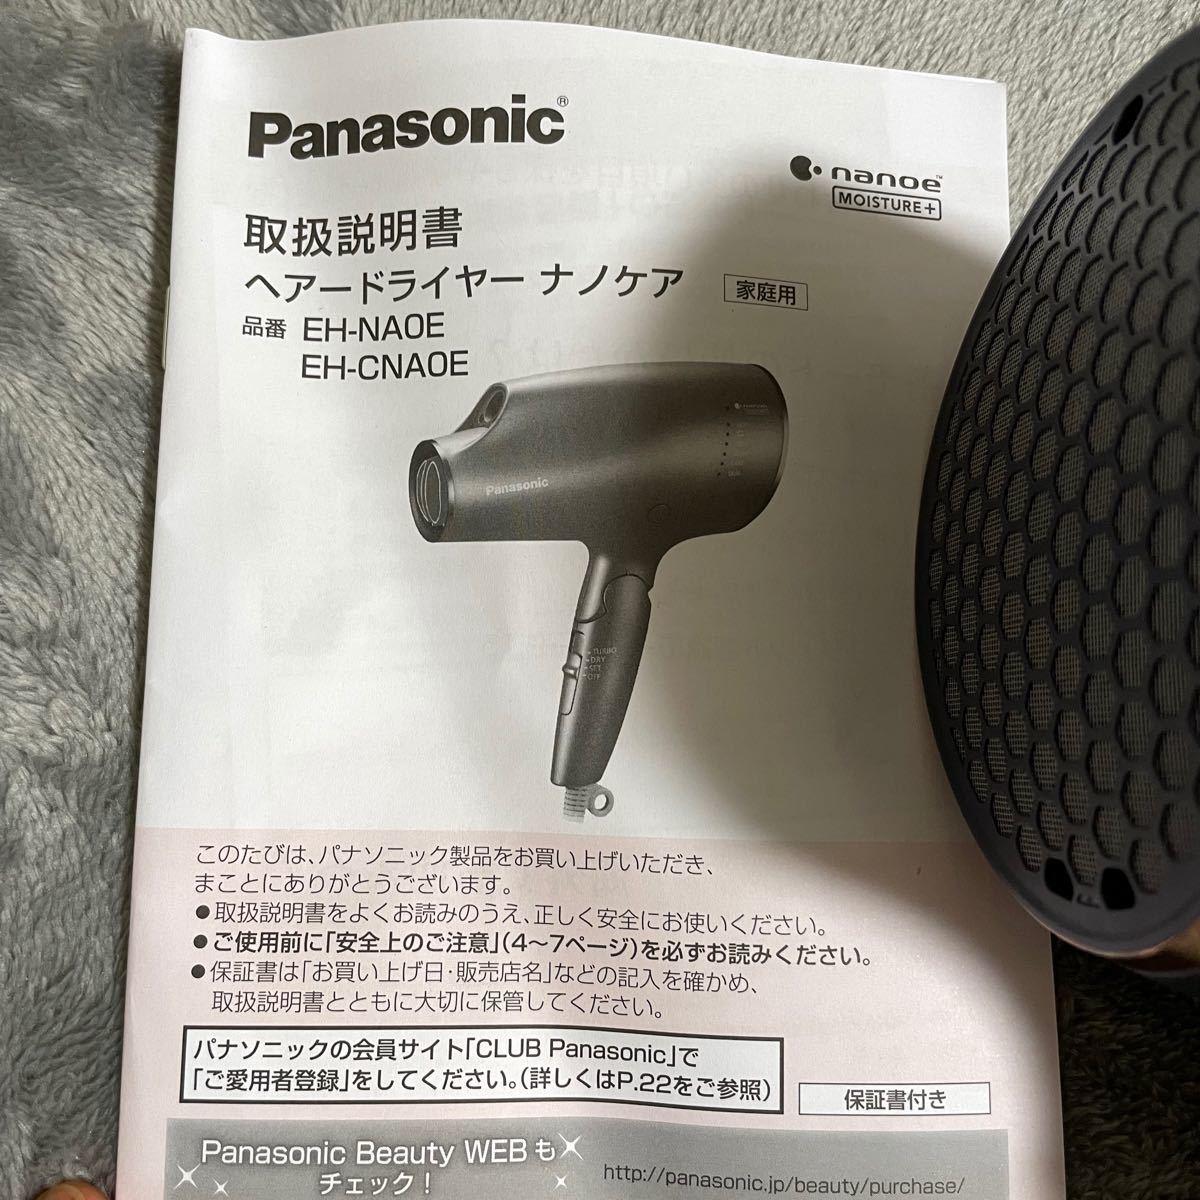 Panasonic ナノケア ヘアドライヤー